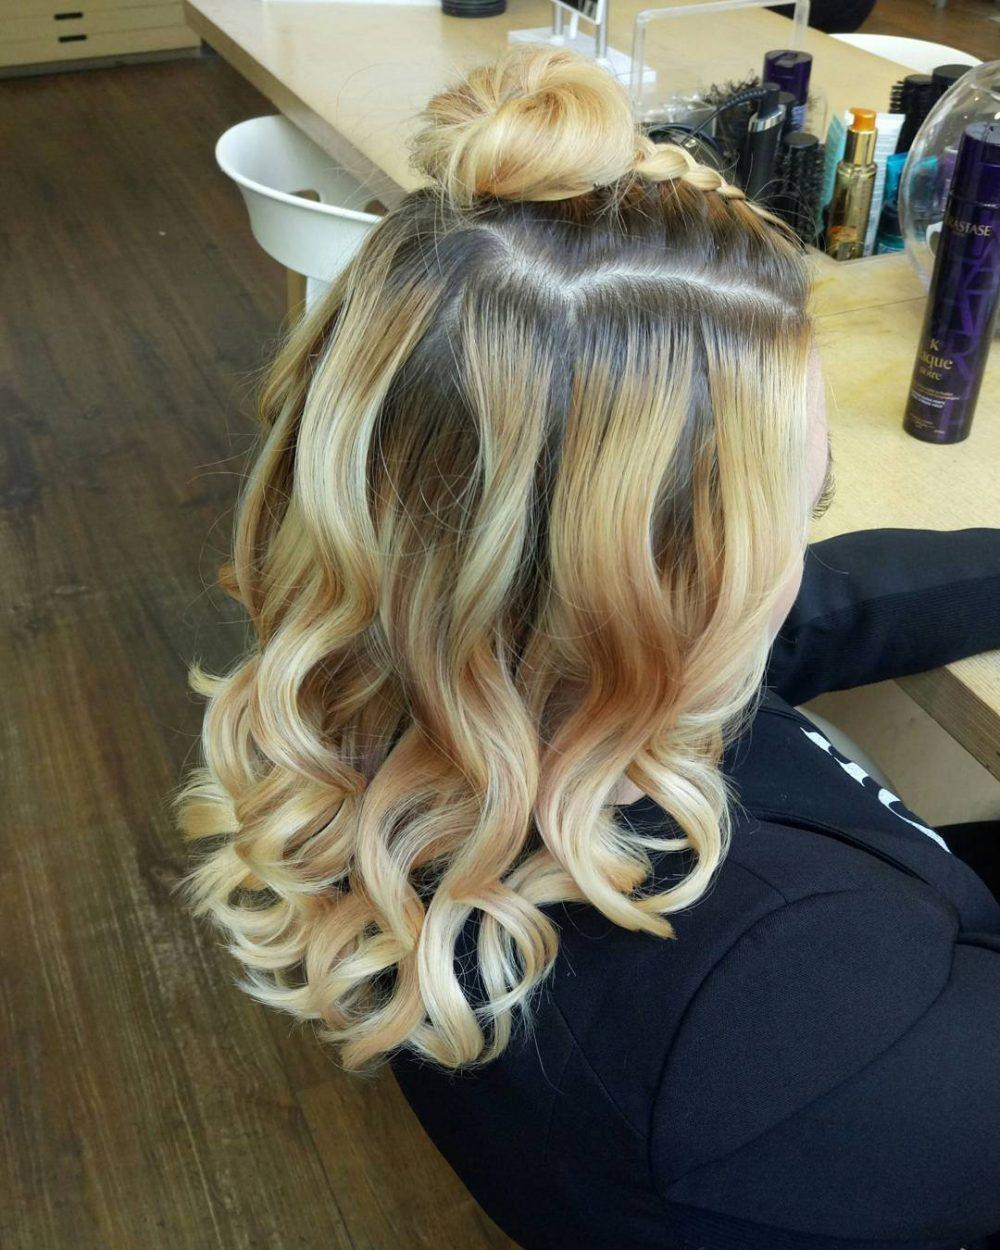 28 Cutest Hairstyles & Haircuts for Medium Length Hair